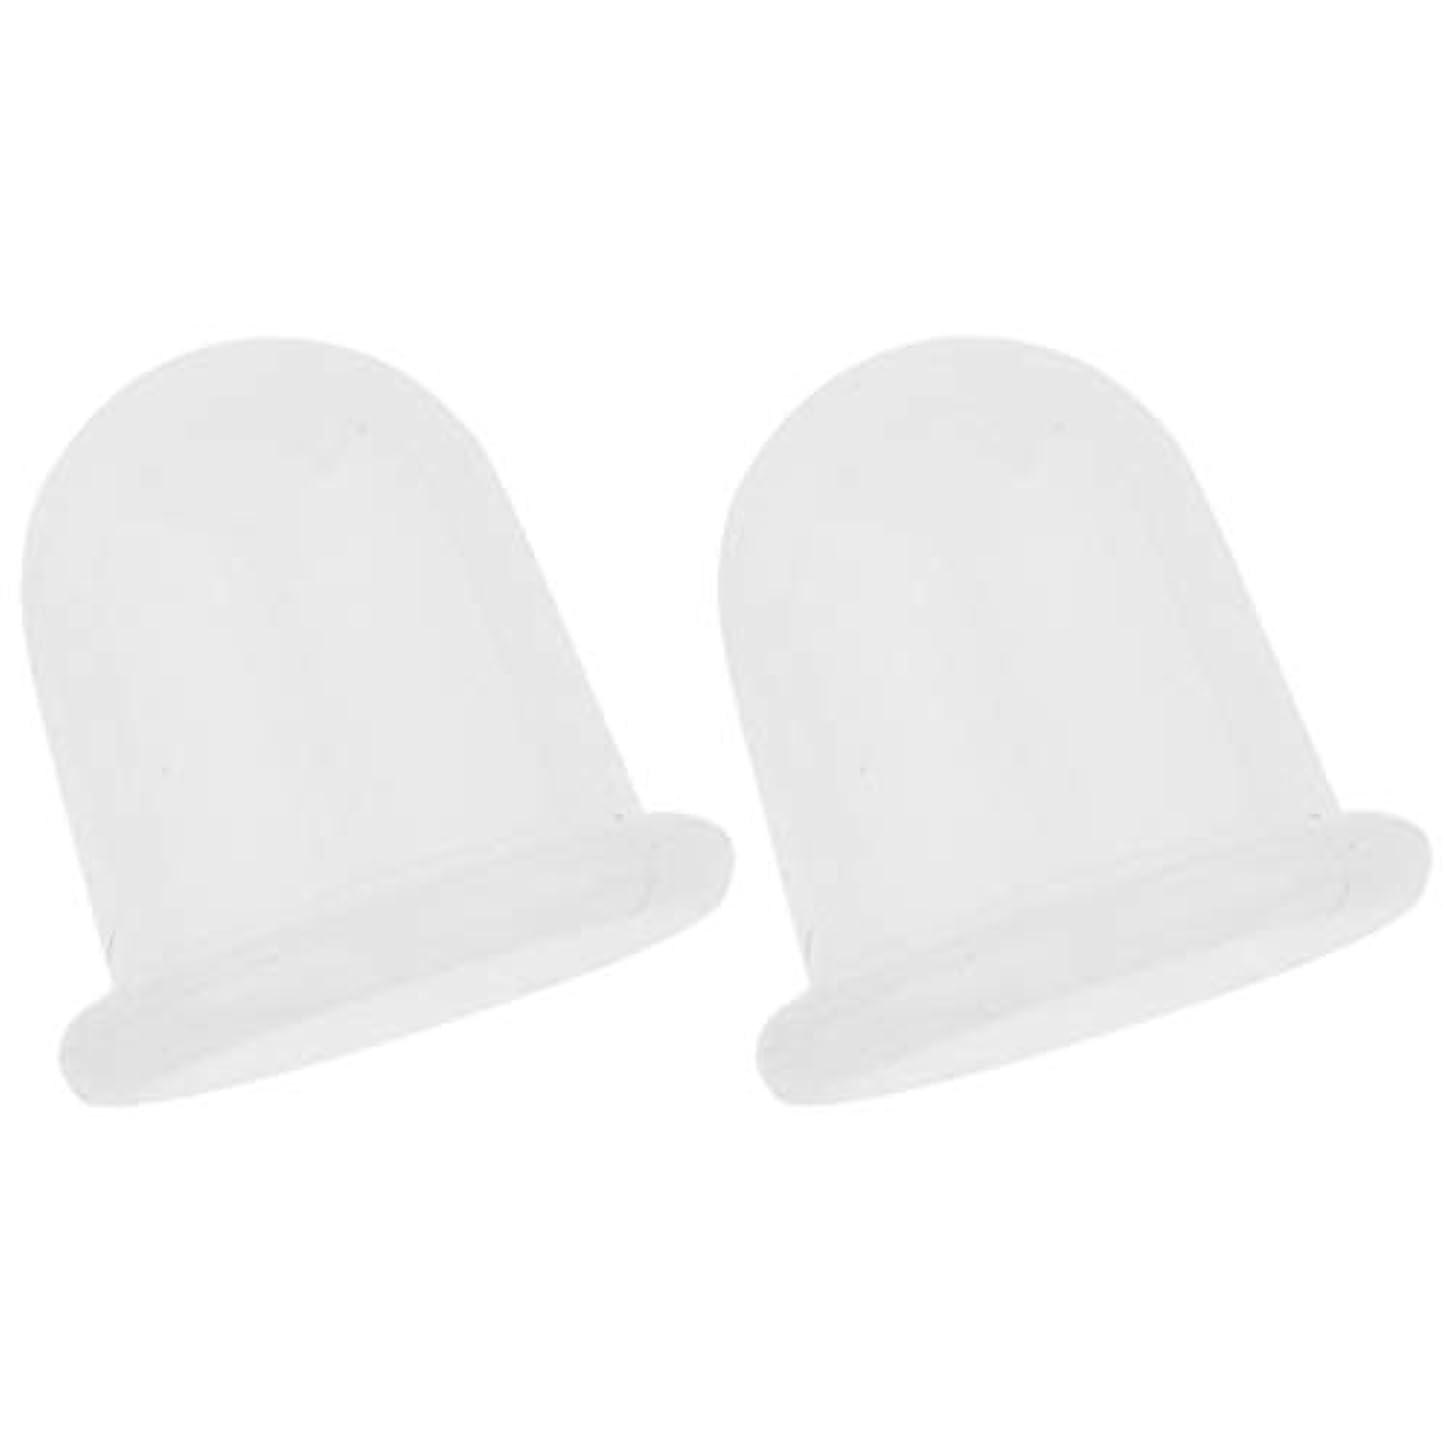 とげ同一性電気的sharprepublic ボディー ビューティーストレス 空カップ 吸い玉 真空カッピングカップ 持ち運び 可能 汎用 2個入り